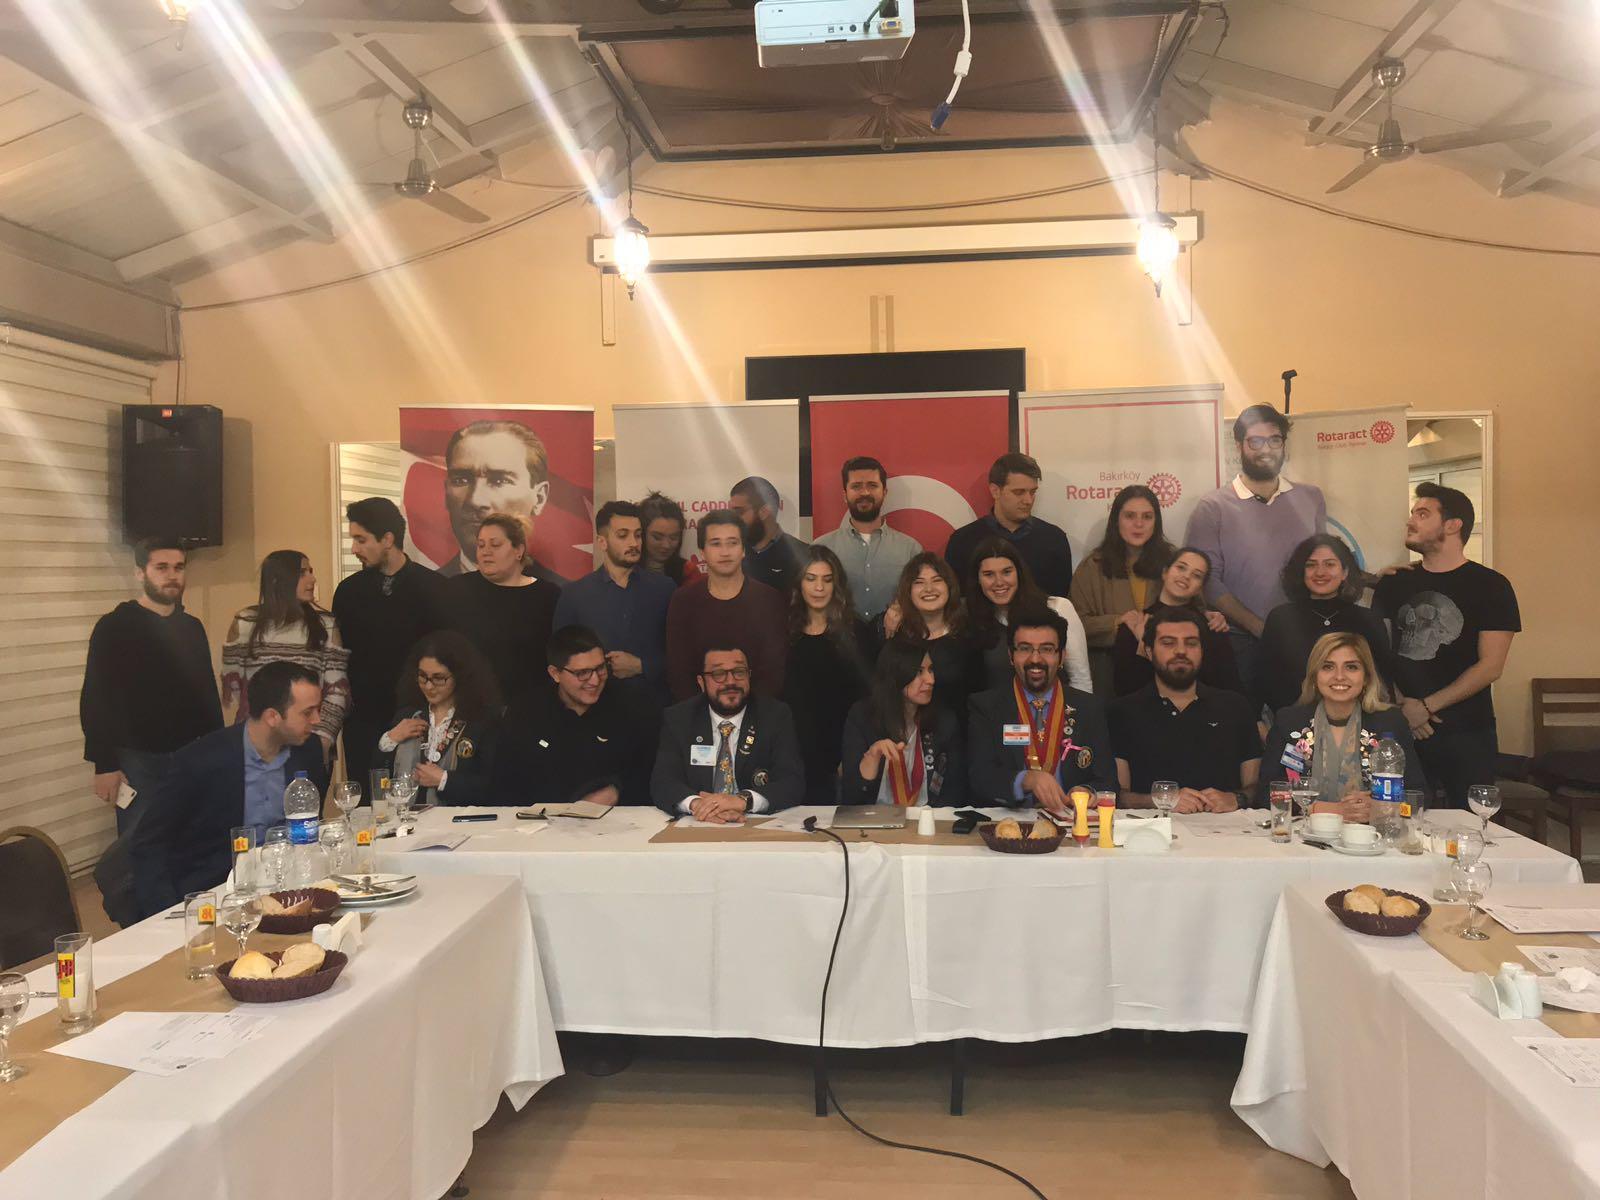 01.02.2018 / Konuk Konuşmacılı Toplantı [Rotary&Rotaract İlişkileri – Durmuş Üstdağ]